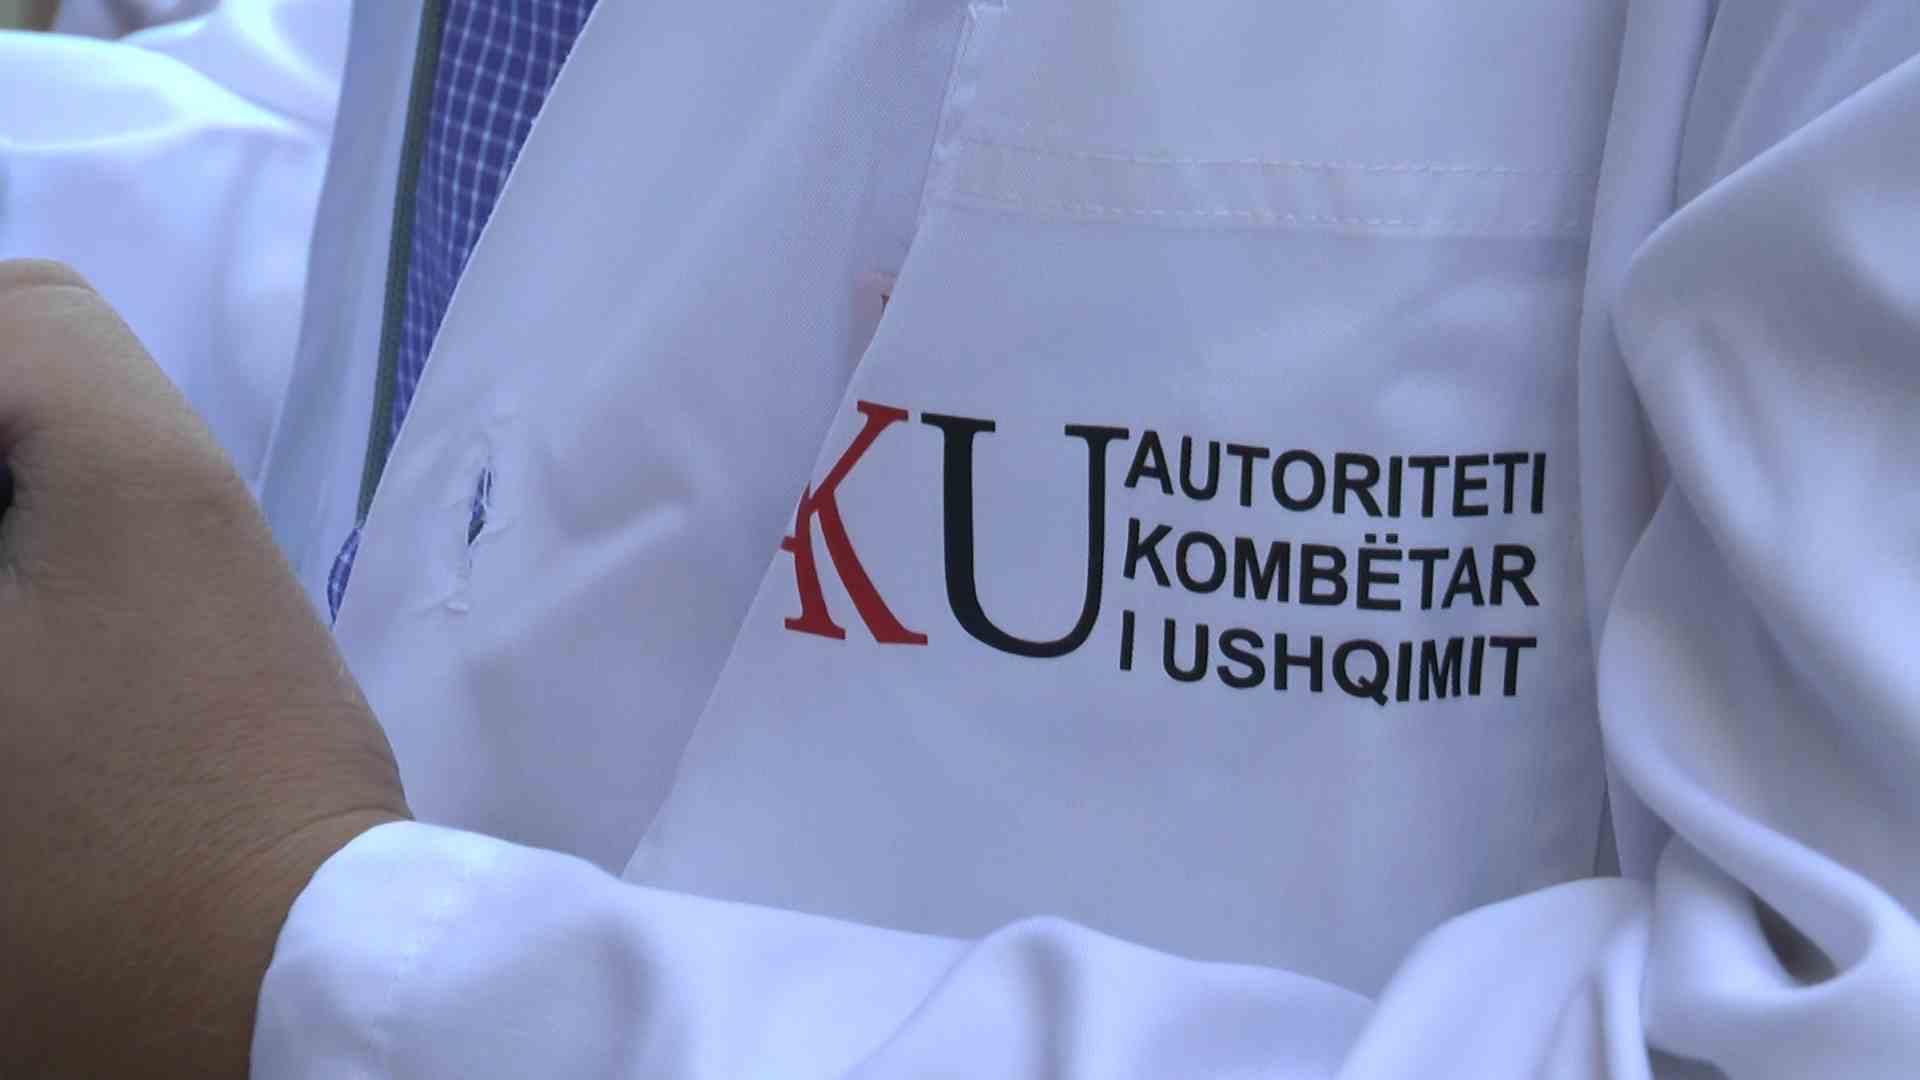 AKU bllokon 141.6 ton produkte ushqimore: U konstatua prania e minjve të ngordhur